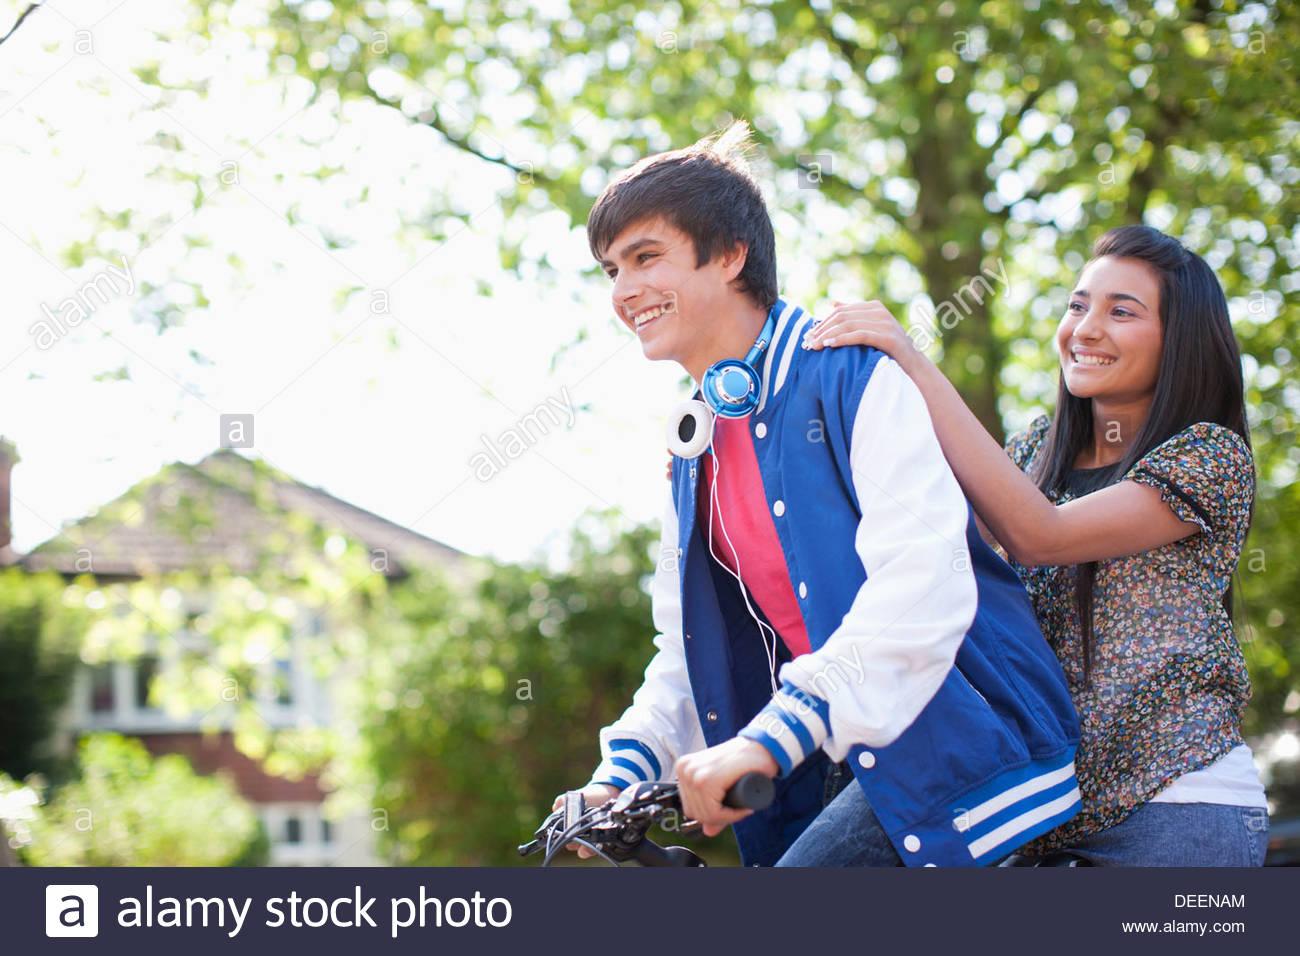 Teenage boy riding petite amie sur location Photo Stock